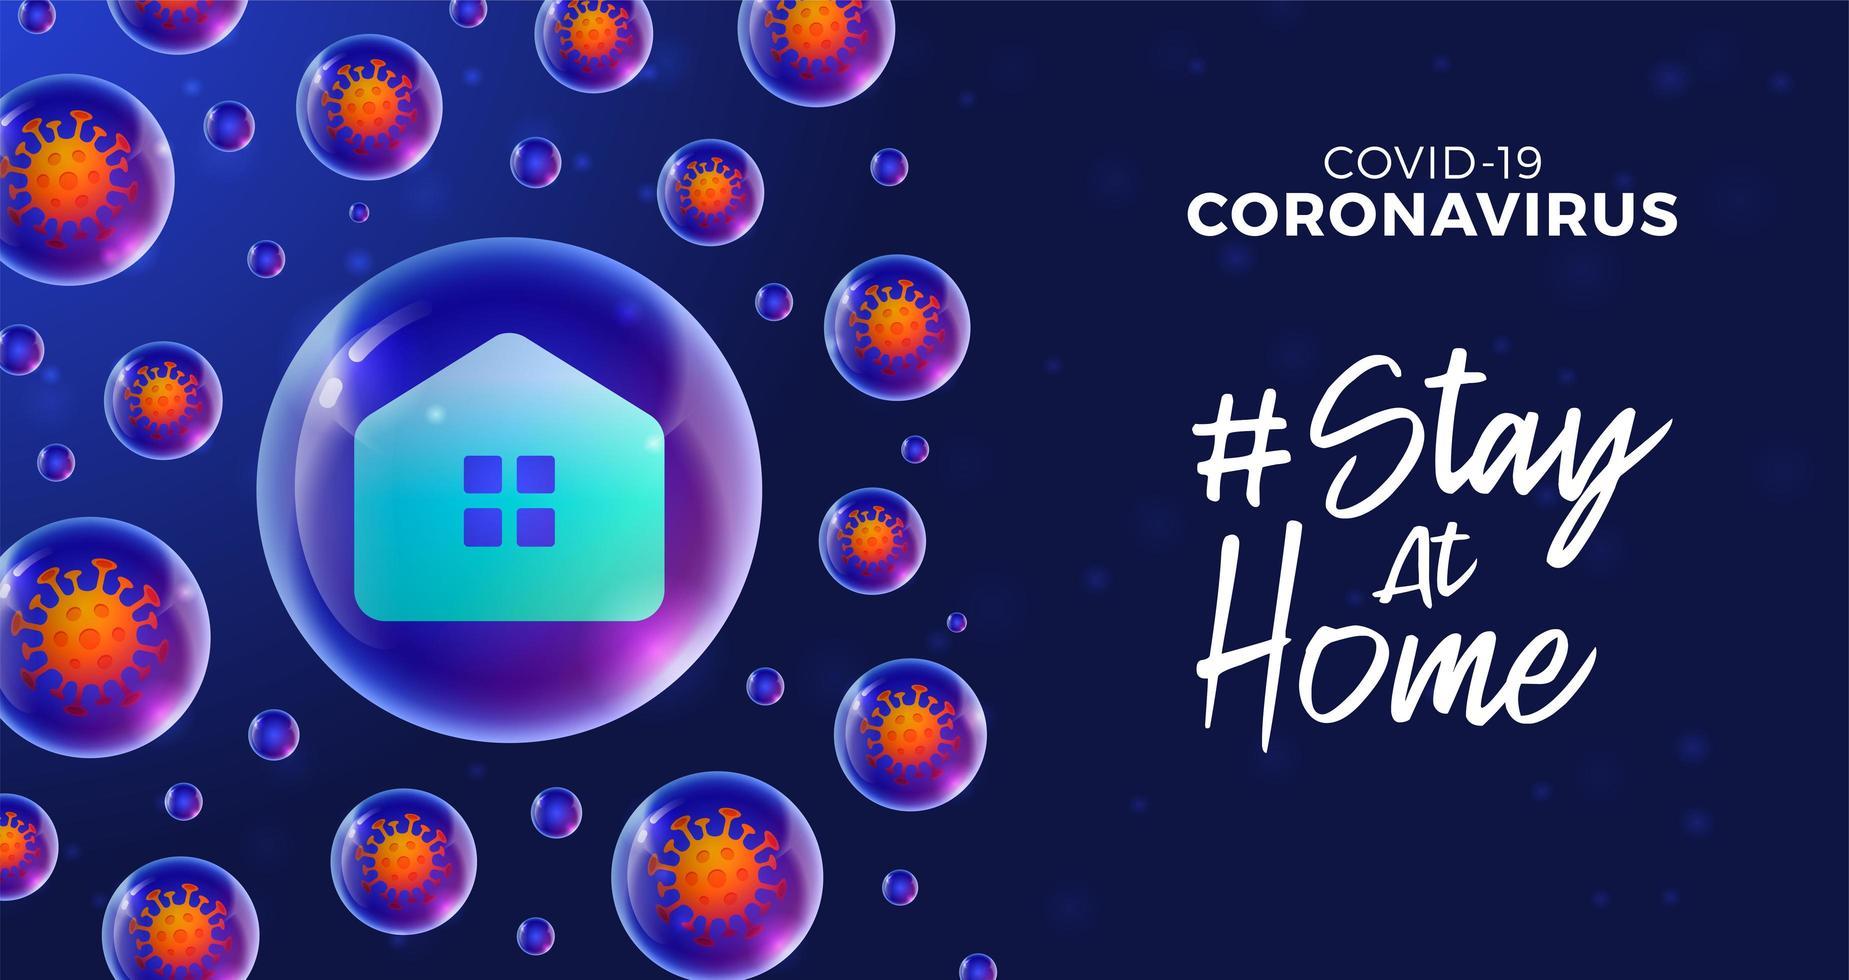 futuristisk vistelse hemma under coronavirusutbrottskonceptet. konceptförebyggande covid-19 sjukdom med virusceller, blank realistisk boll på blå bakgrund vektor